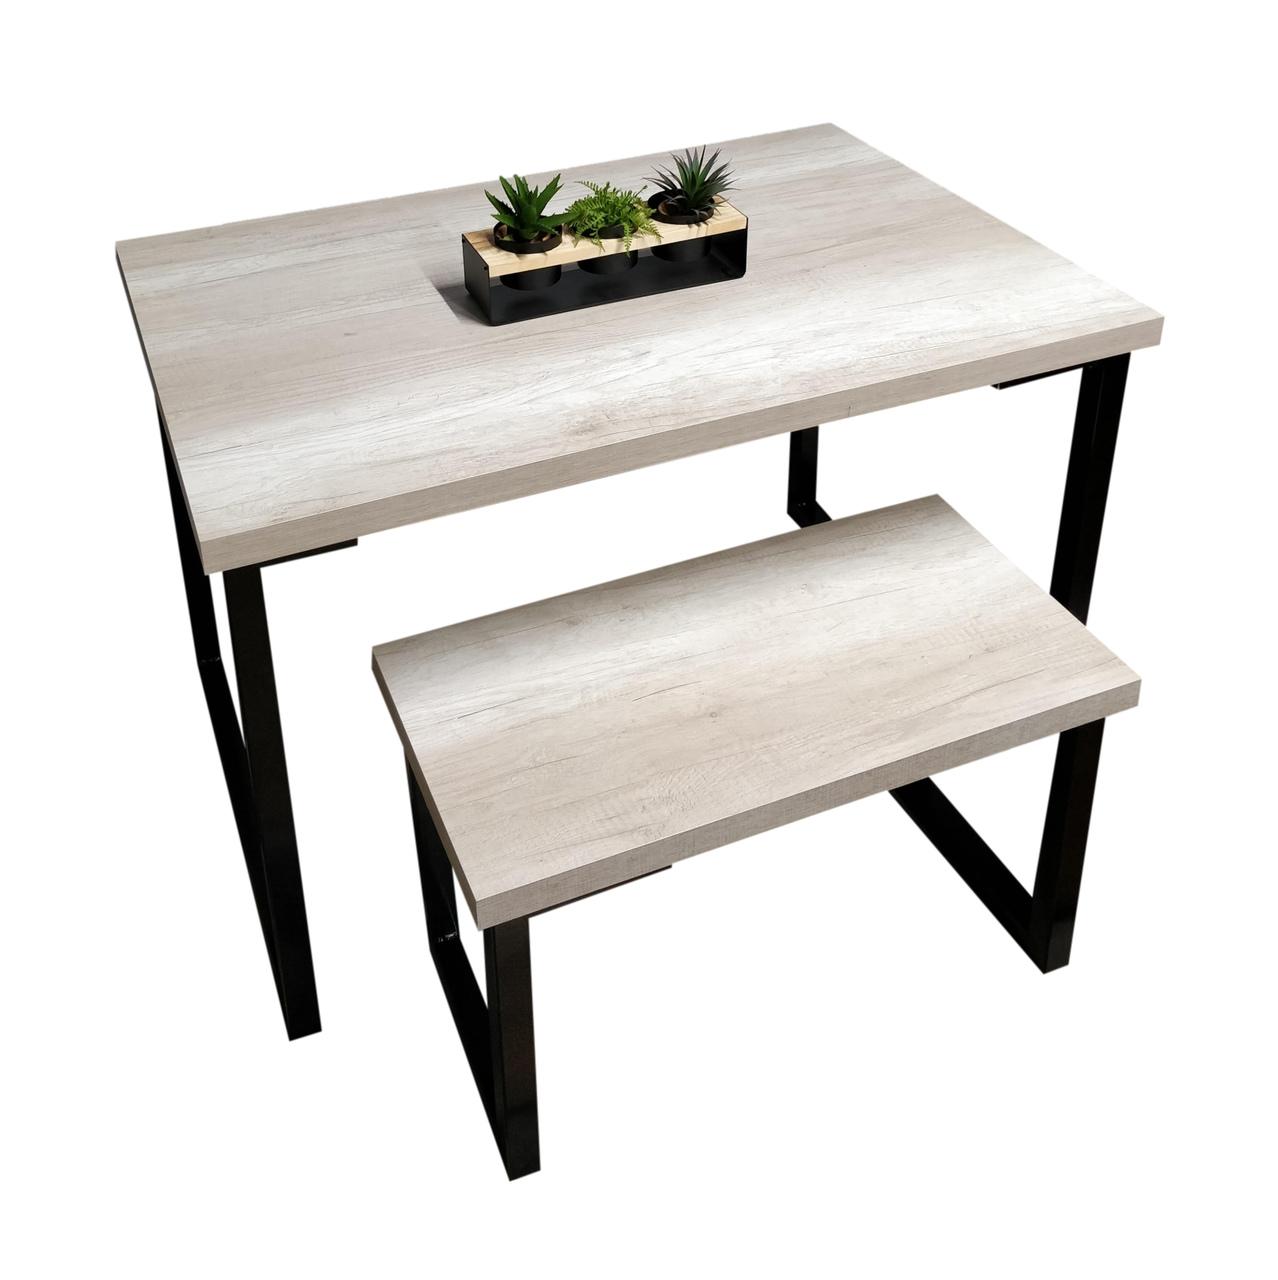 Mesa de Jantar com Banco e Aparador Squared Legs